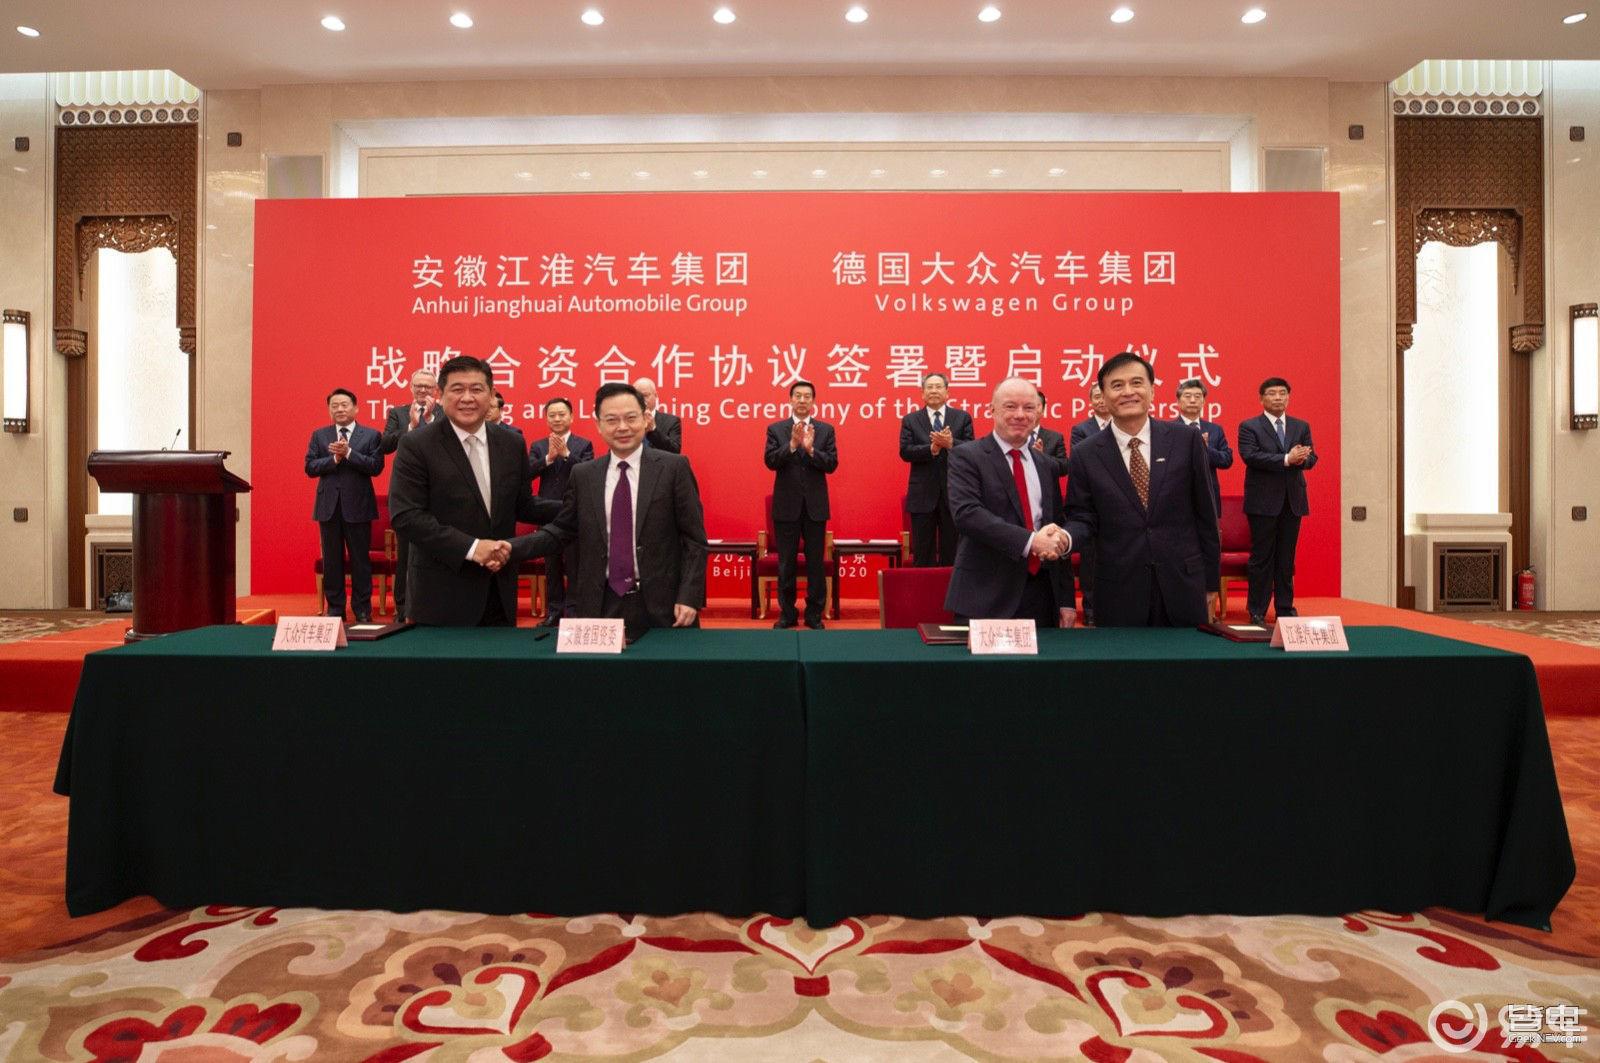 重磅:大众投资10亿欧元,收购江淮50%股份